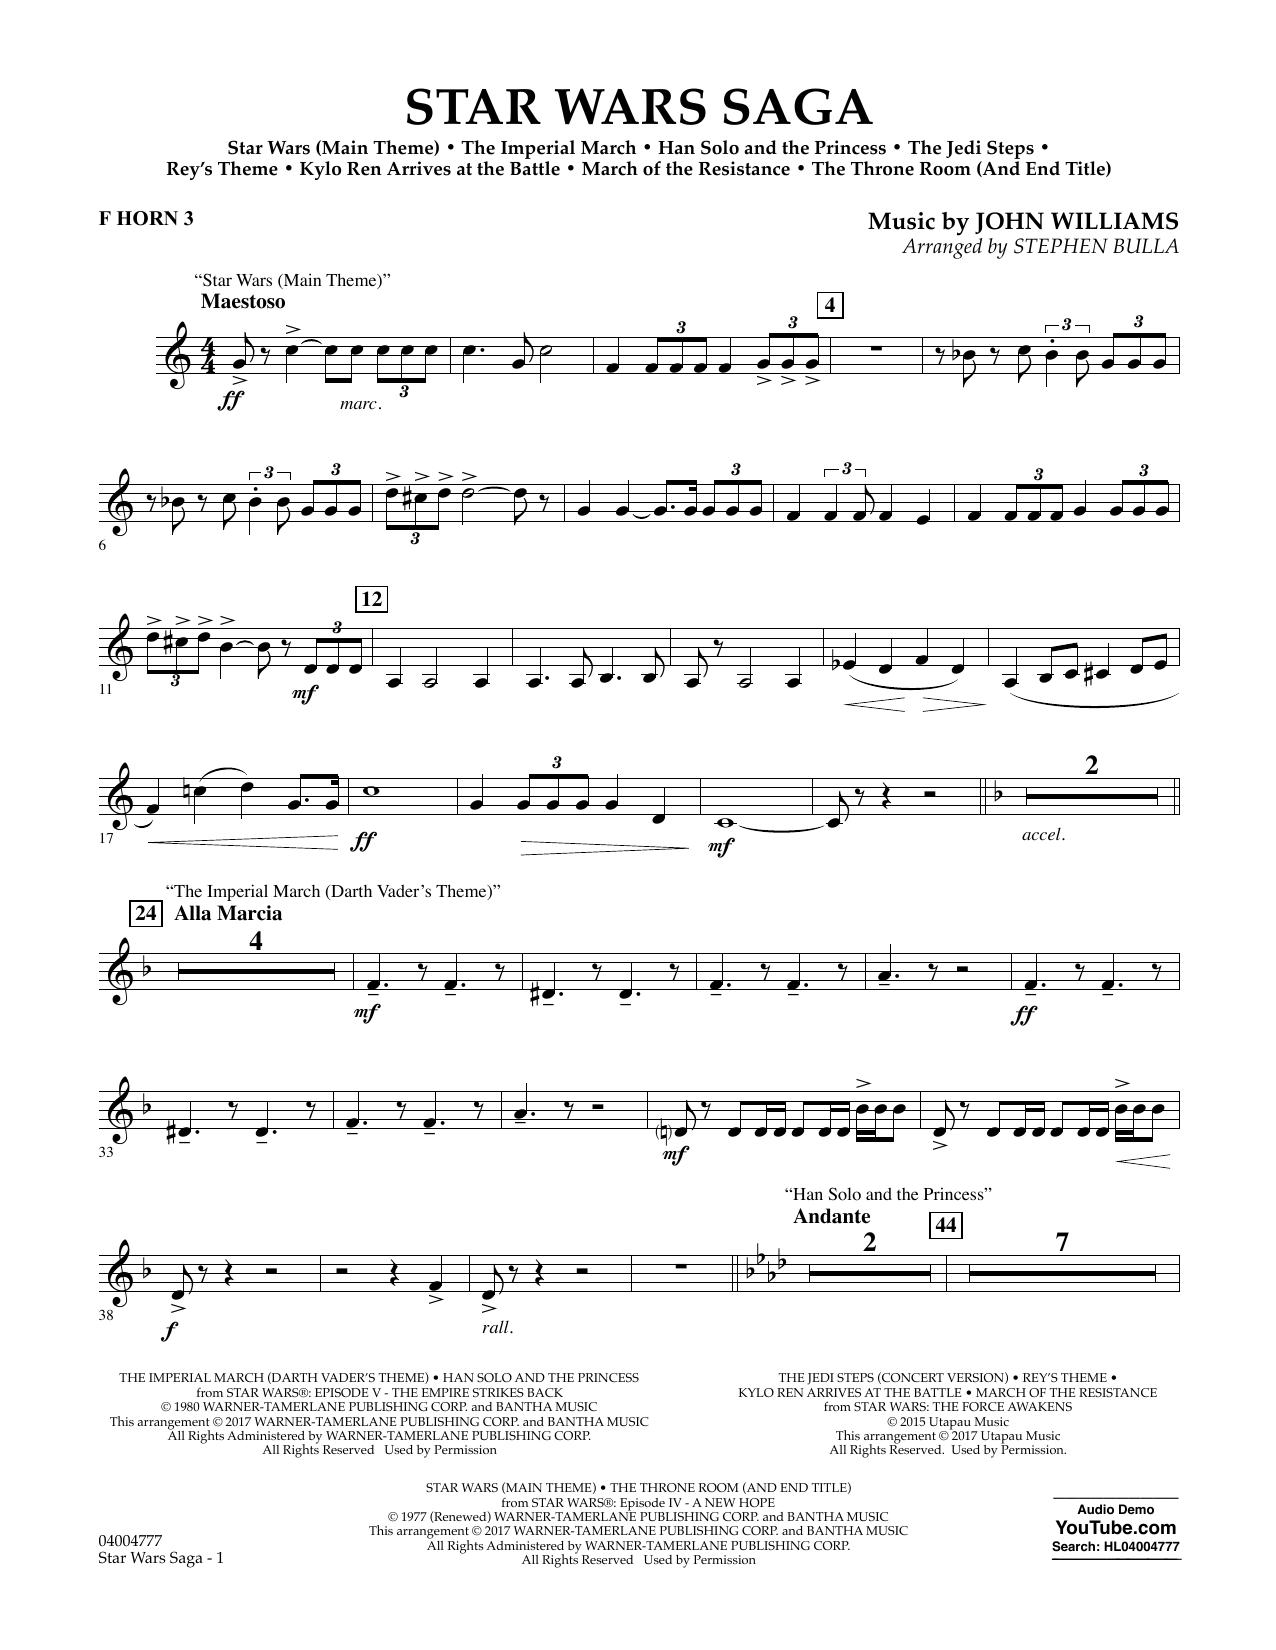 Star Wars Saga - F Horn 3 Sheet Music